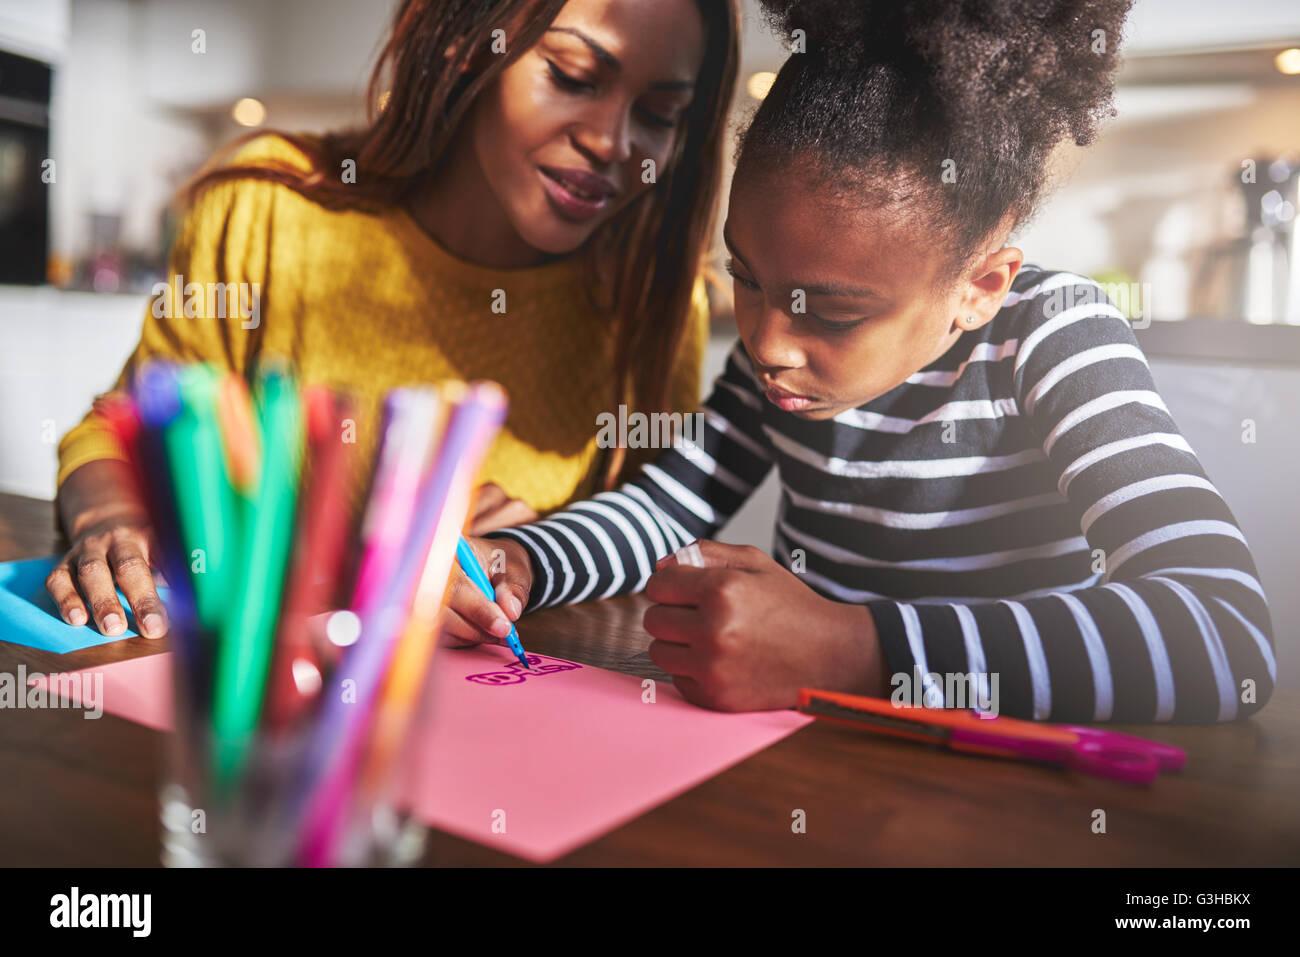 Mamma e Bambino disegno in cucina, nero madre e figlia Immagini Stock